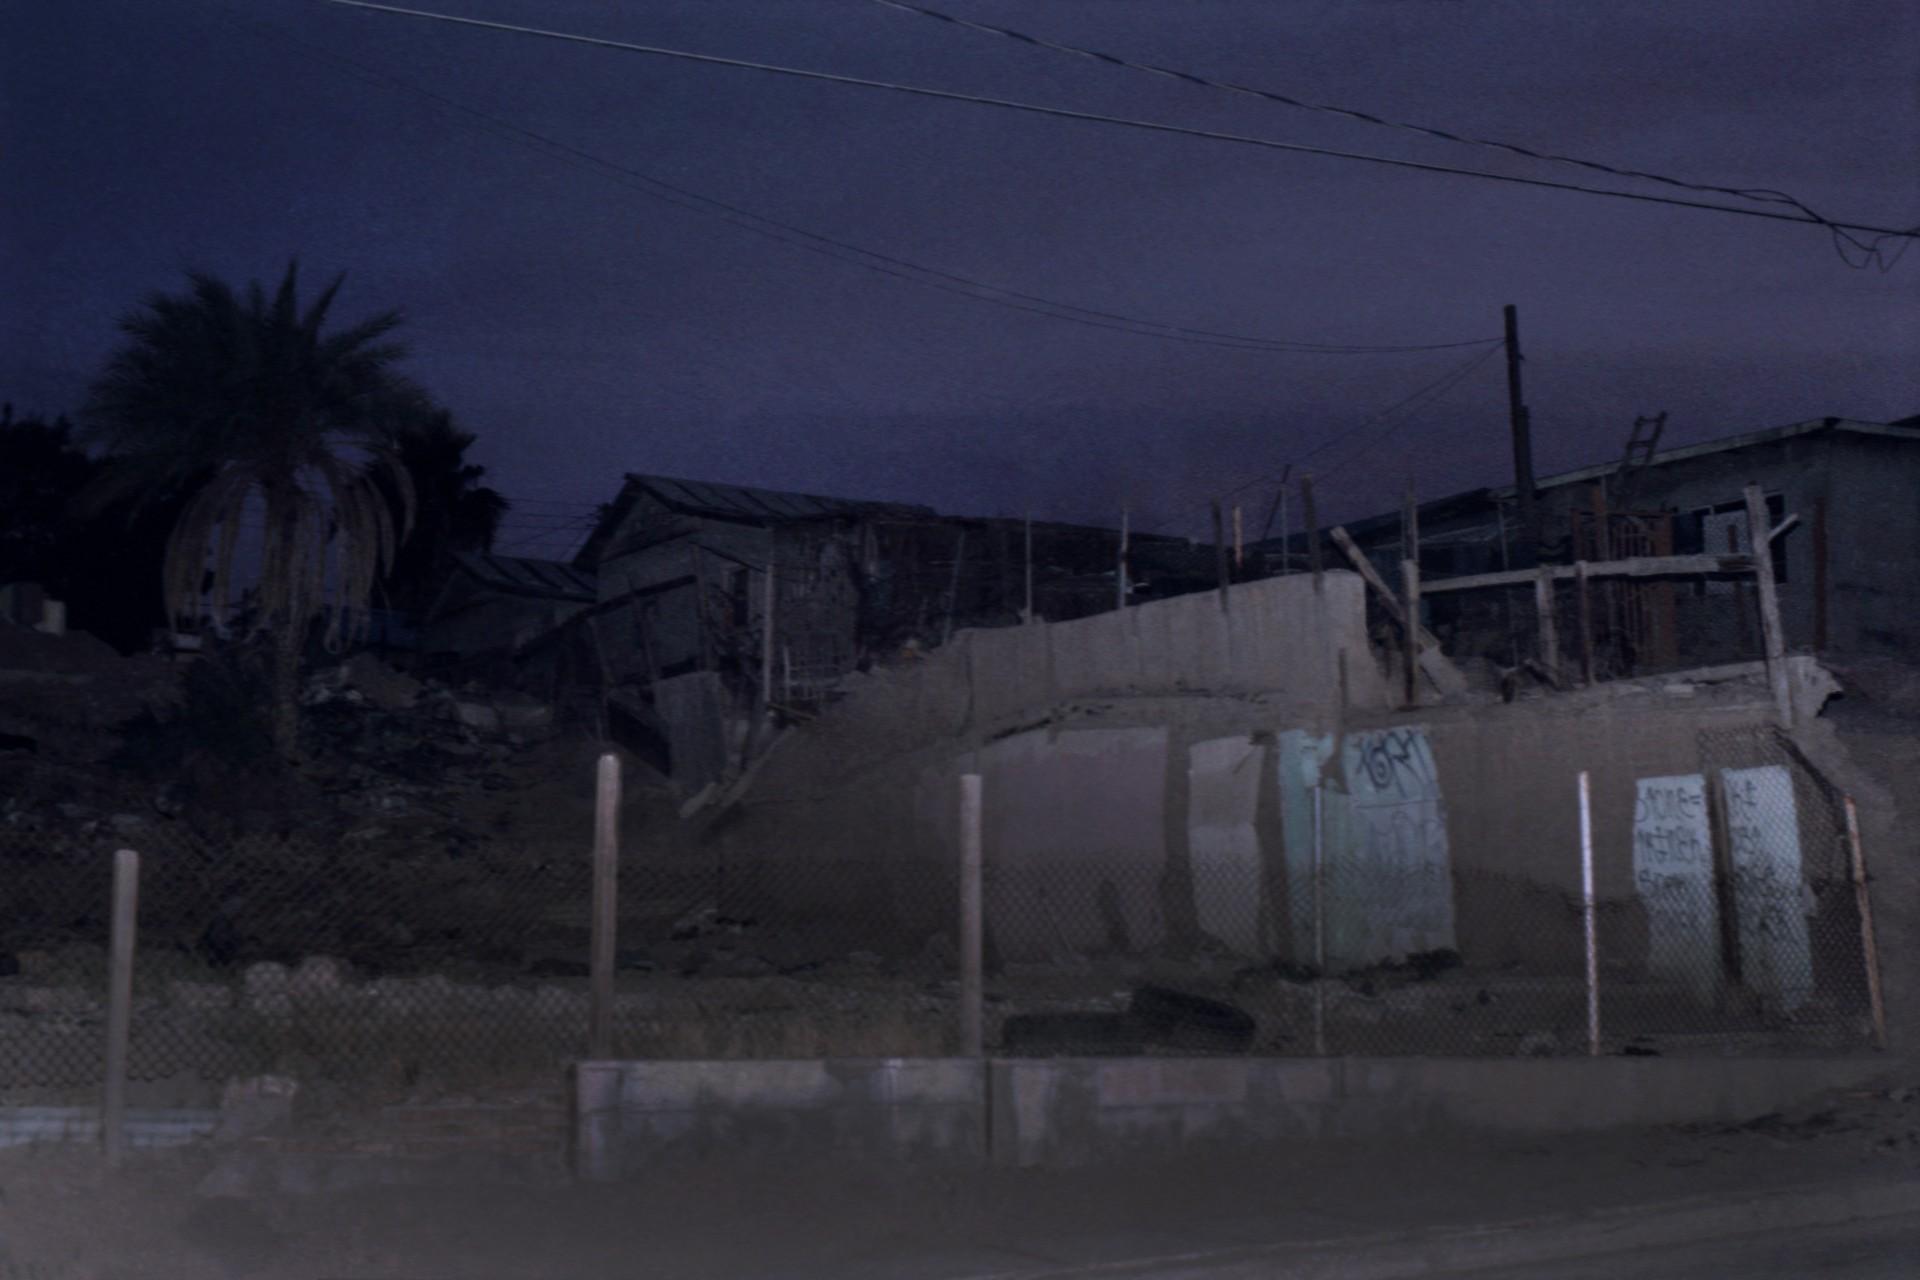 Fotó: Koleszár Adél: Lakóház a sivatagban, részlet Az erőszak sebei című sorozatból